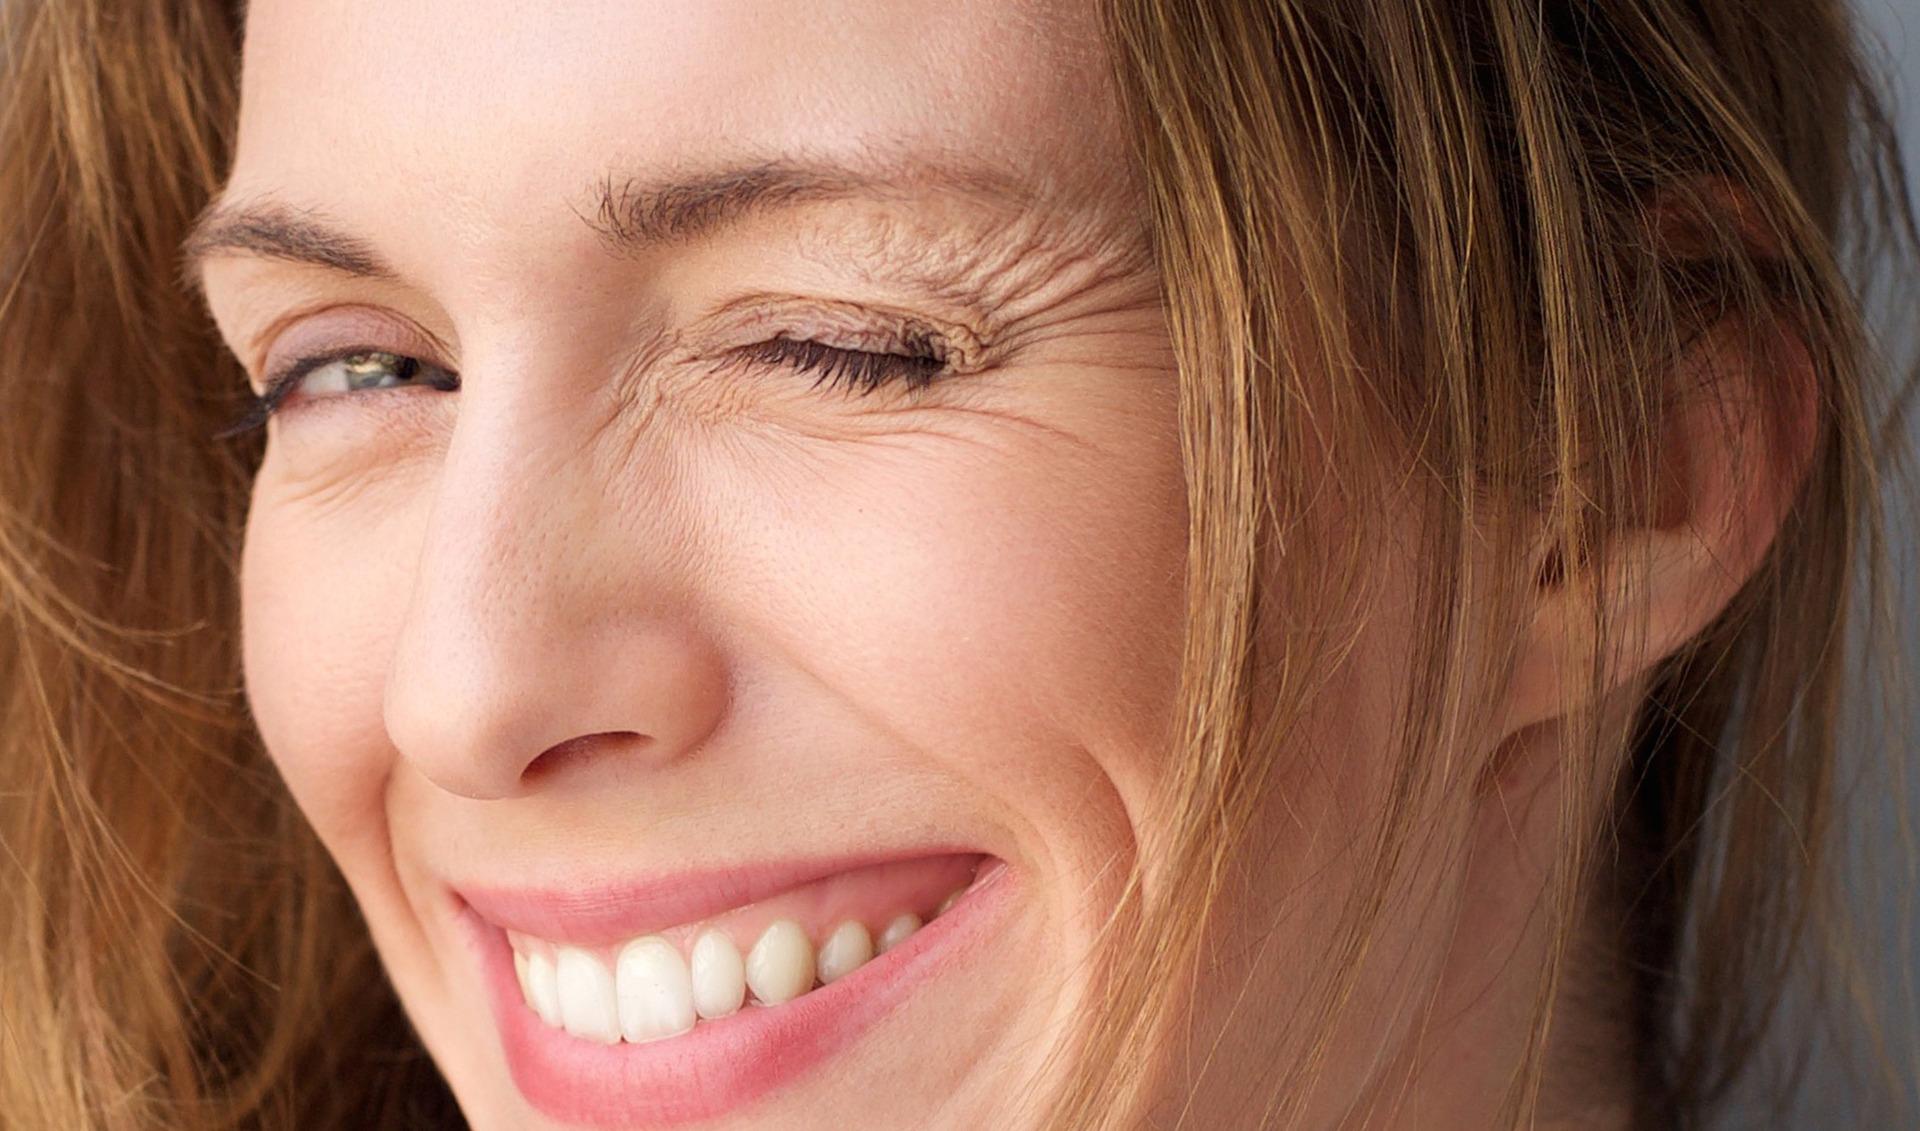 Cách duy trì làn da đẹp bằng cách hạn chế biểu lộ cảm xúc